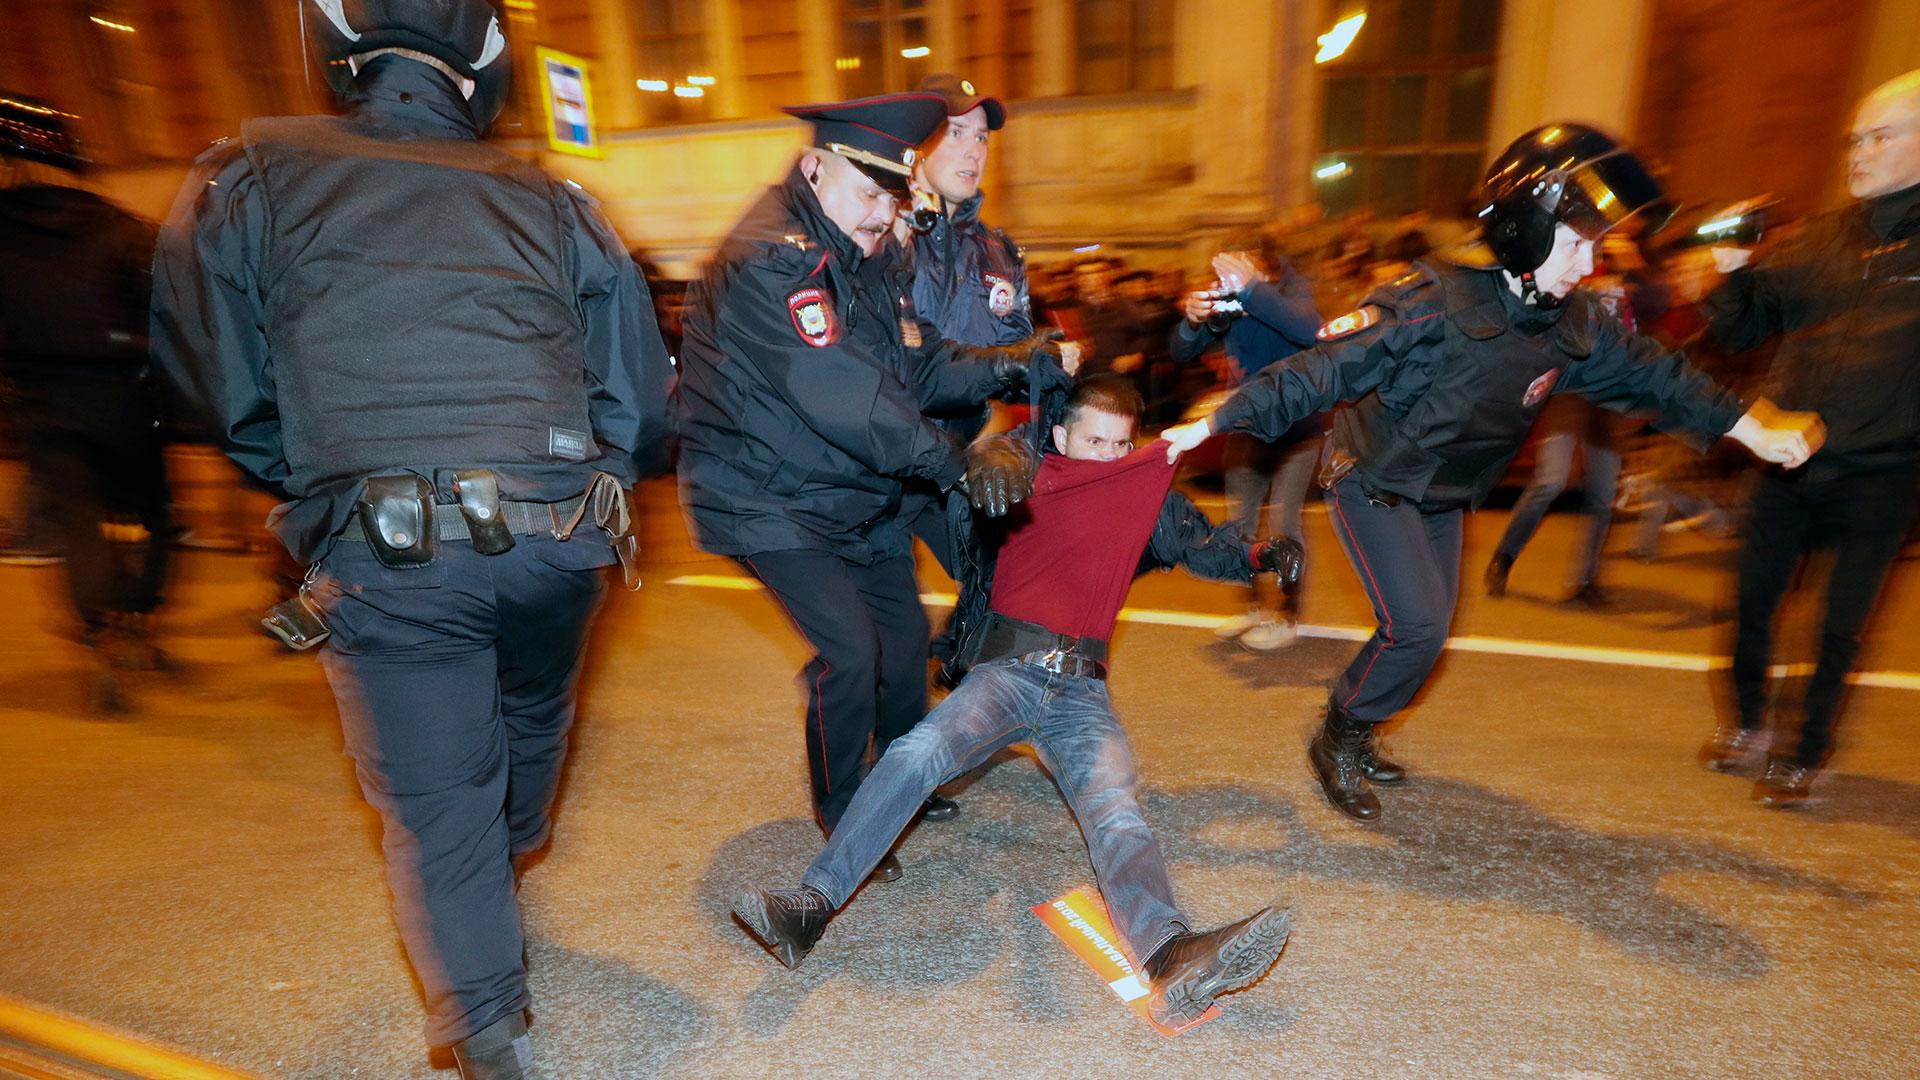 Más de 200 personas fueron detenidas el sábado durante manifestaciones contra Vladimir Putin en Rusia (EFE)